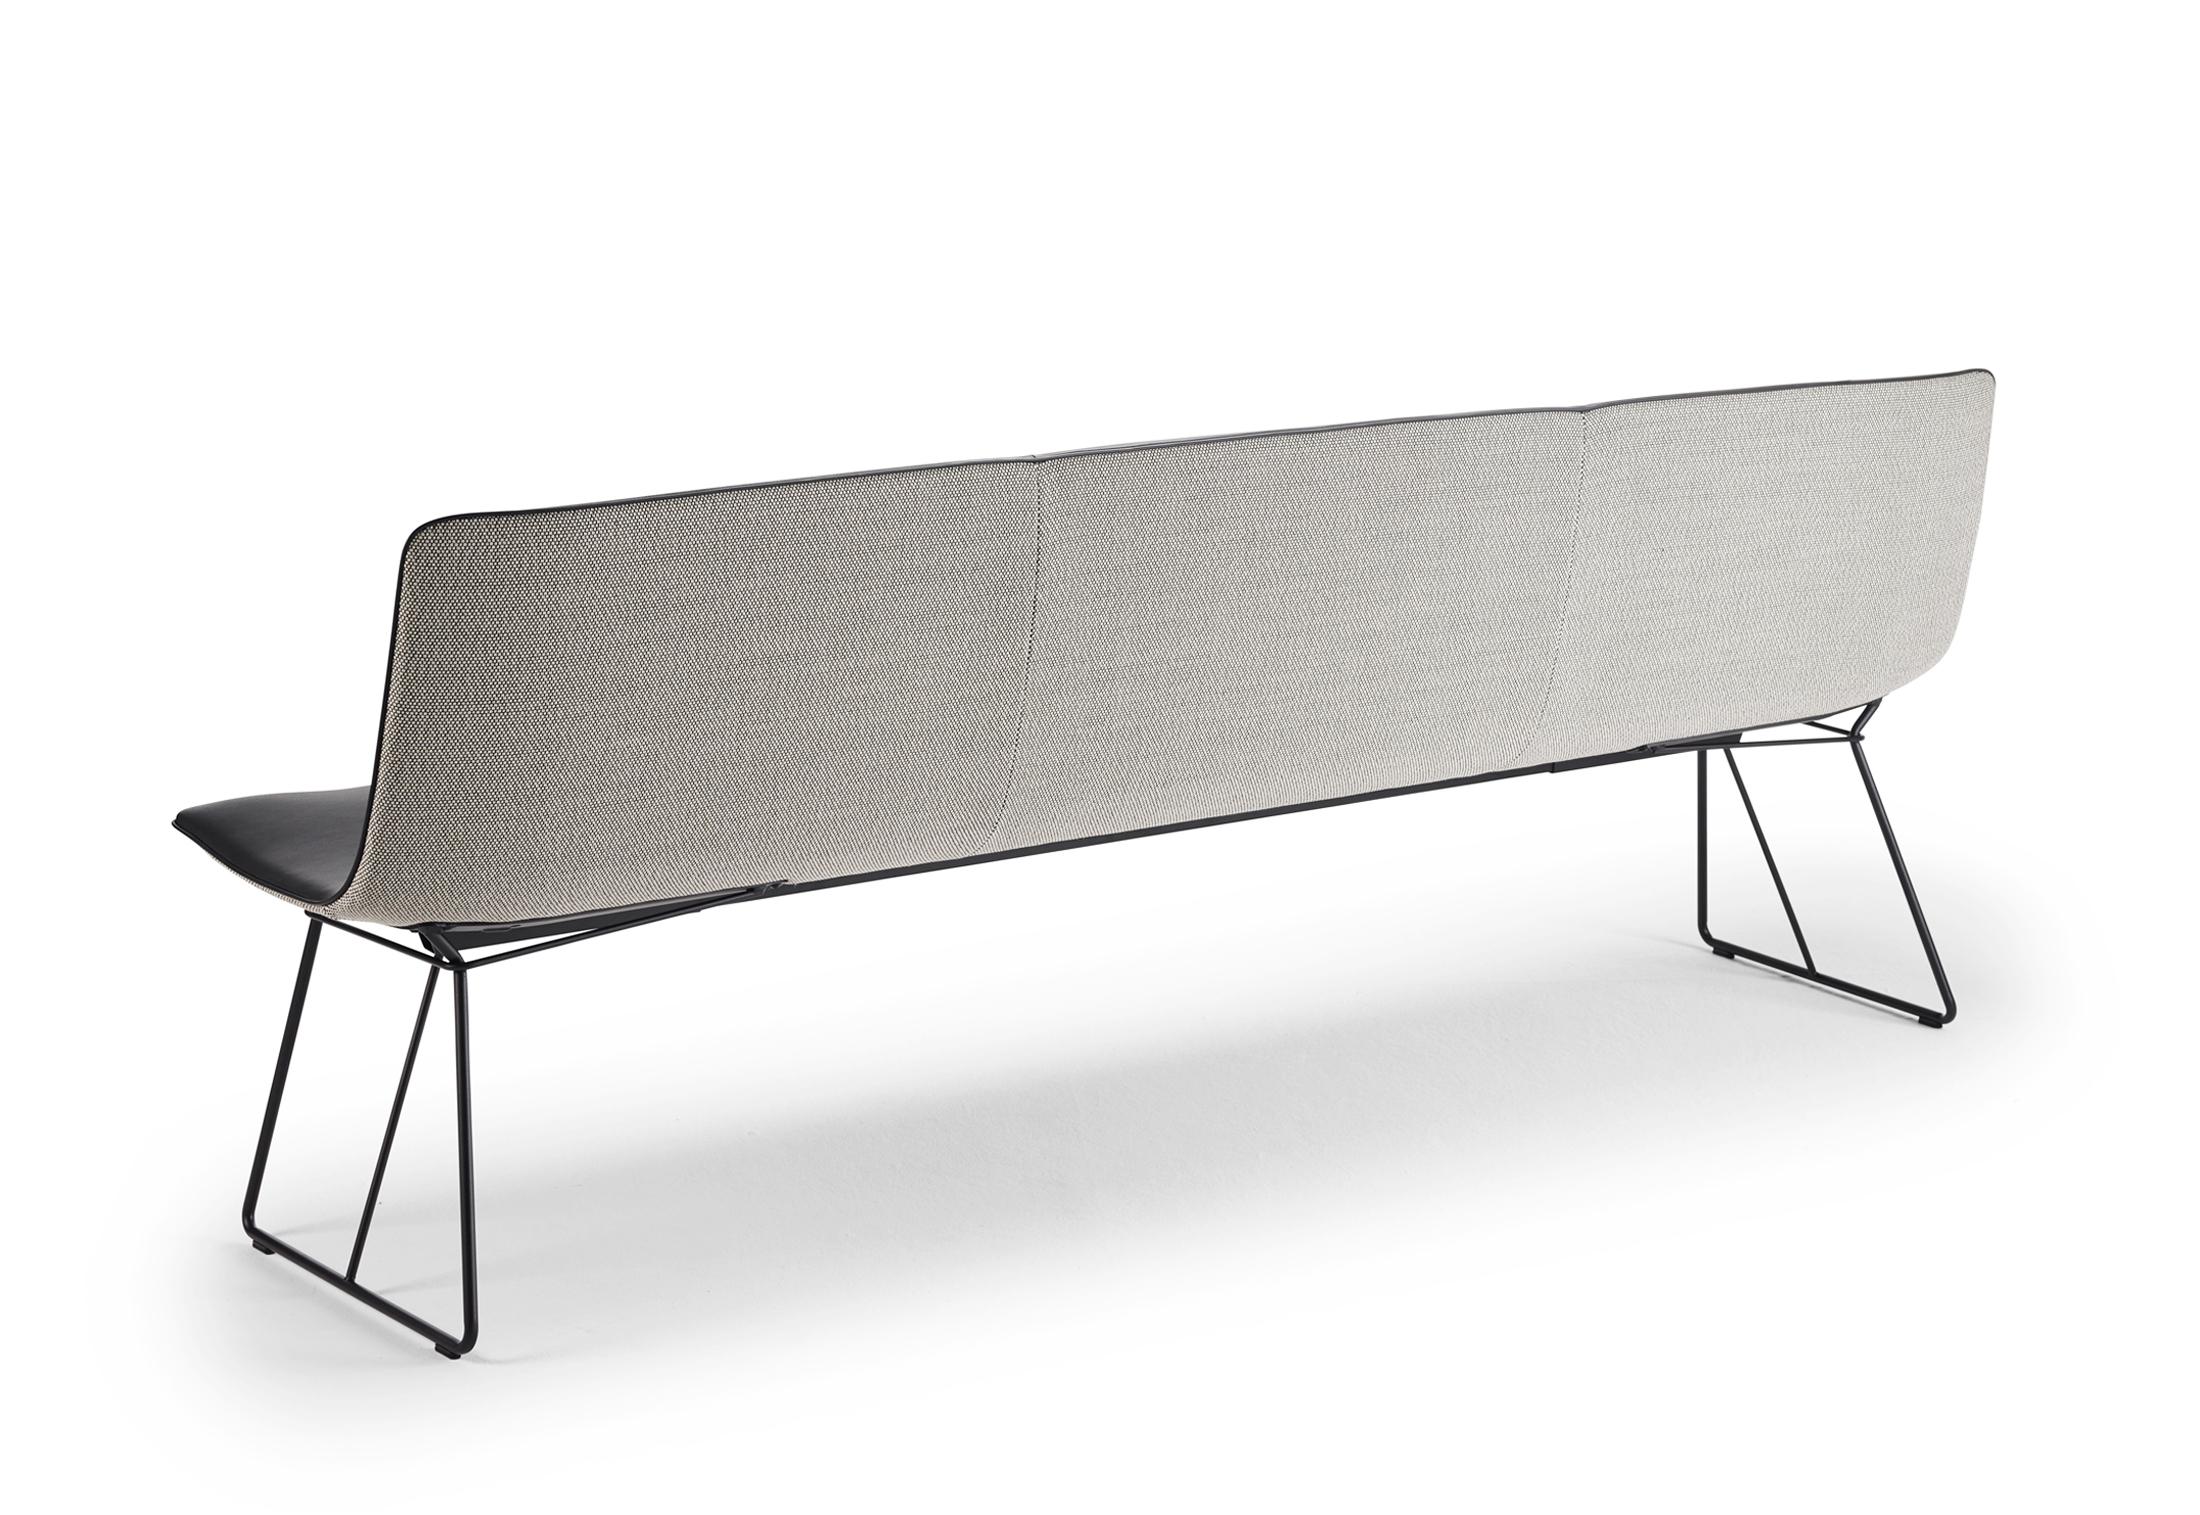 Amelie bench with wire frame by Freifrau | STYLEPARK